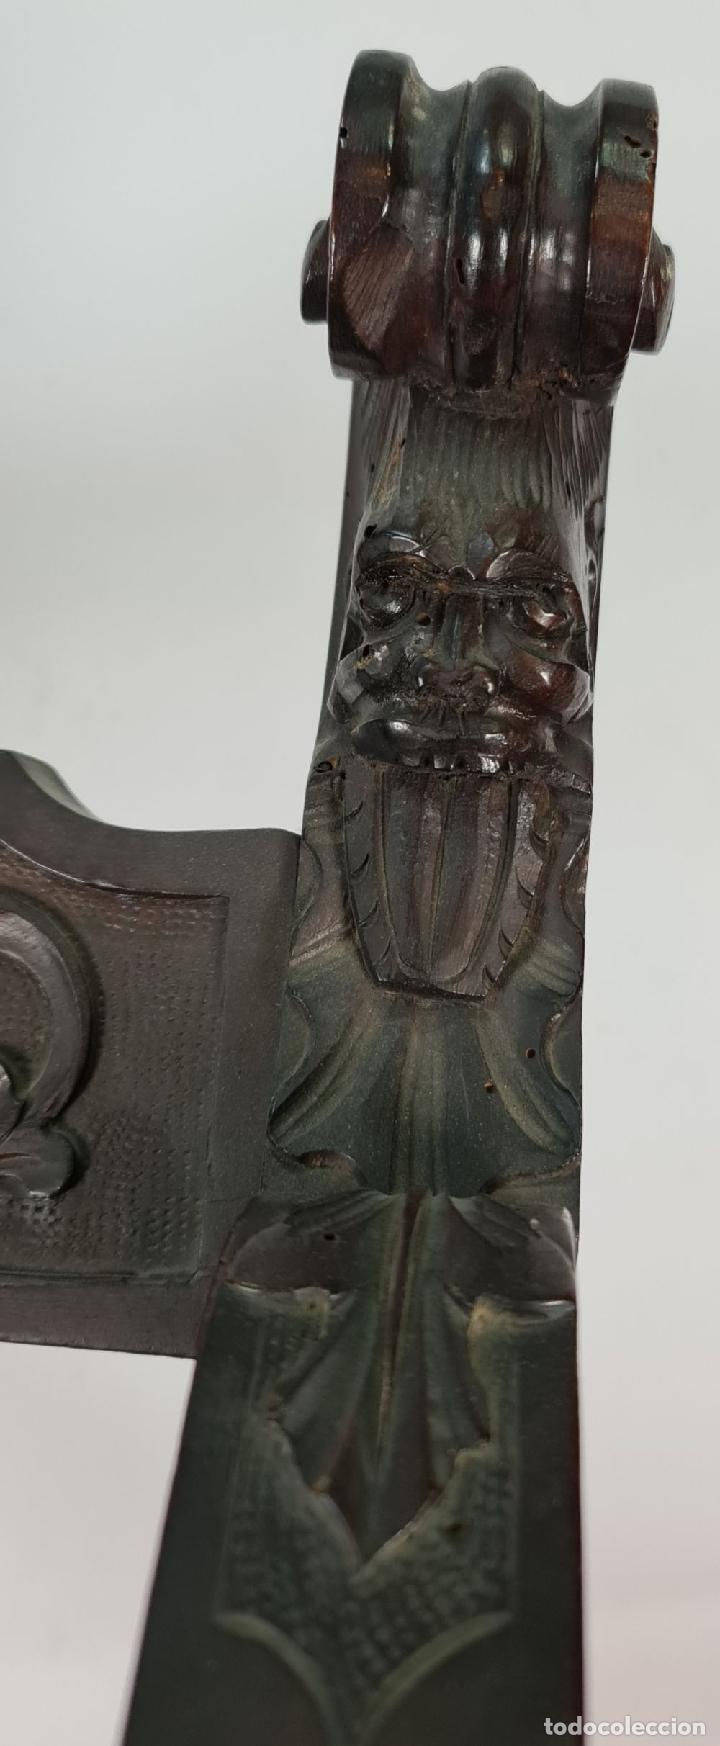 Antigüedades: PAREJA DE SILAS JAMUGA. MADERA DE NOGAL TALLADO. ESTILO BARROCO. SIGLO XIX. - Foto 6 - 253454590